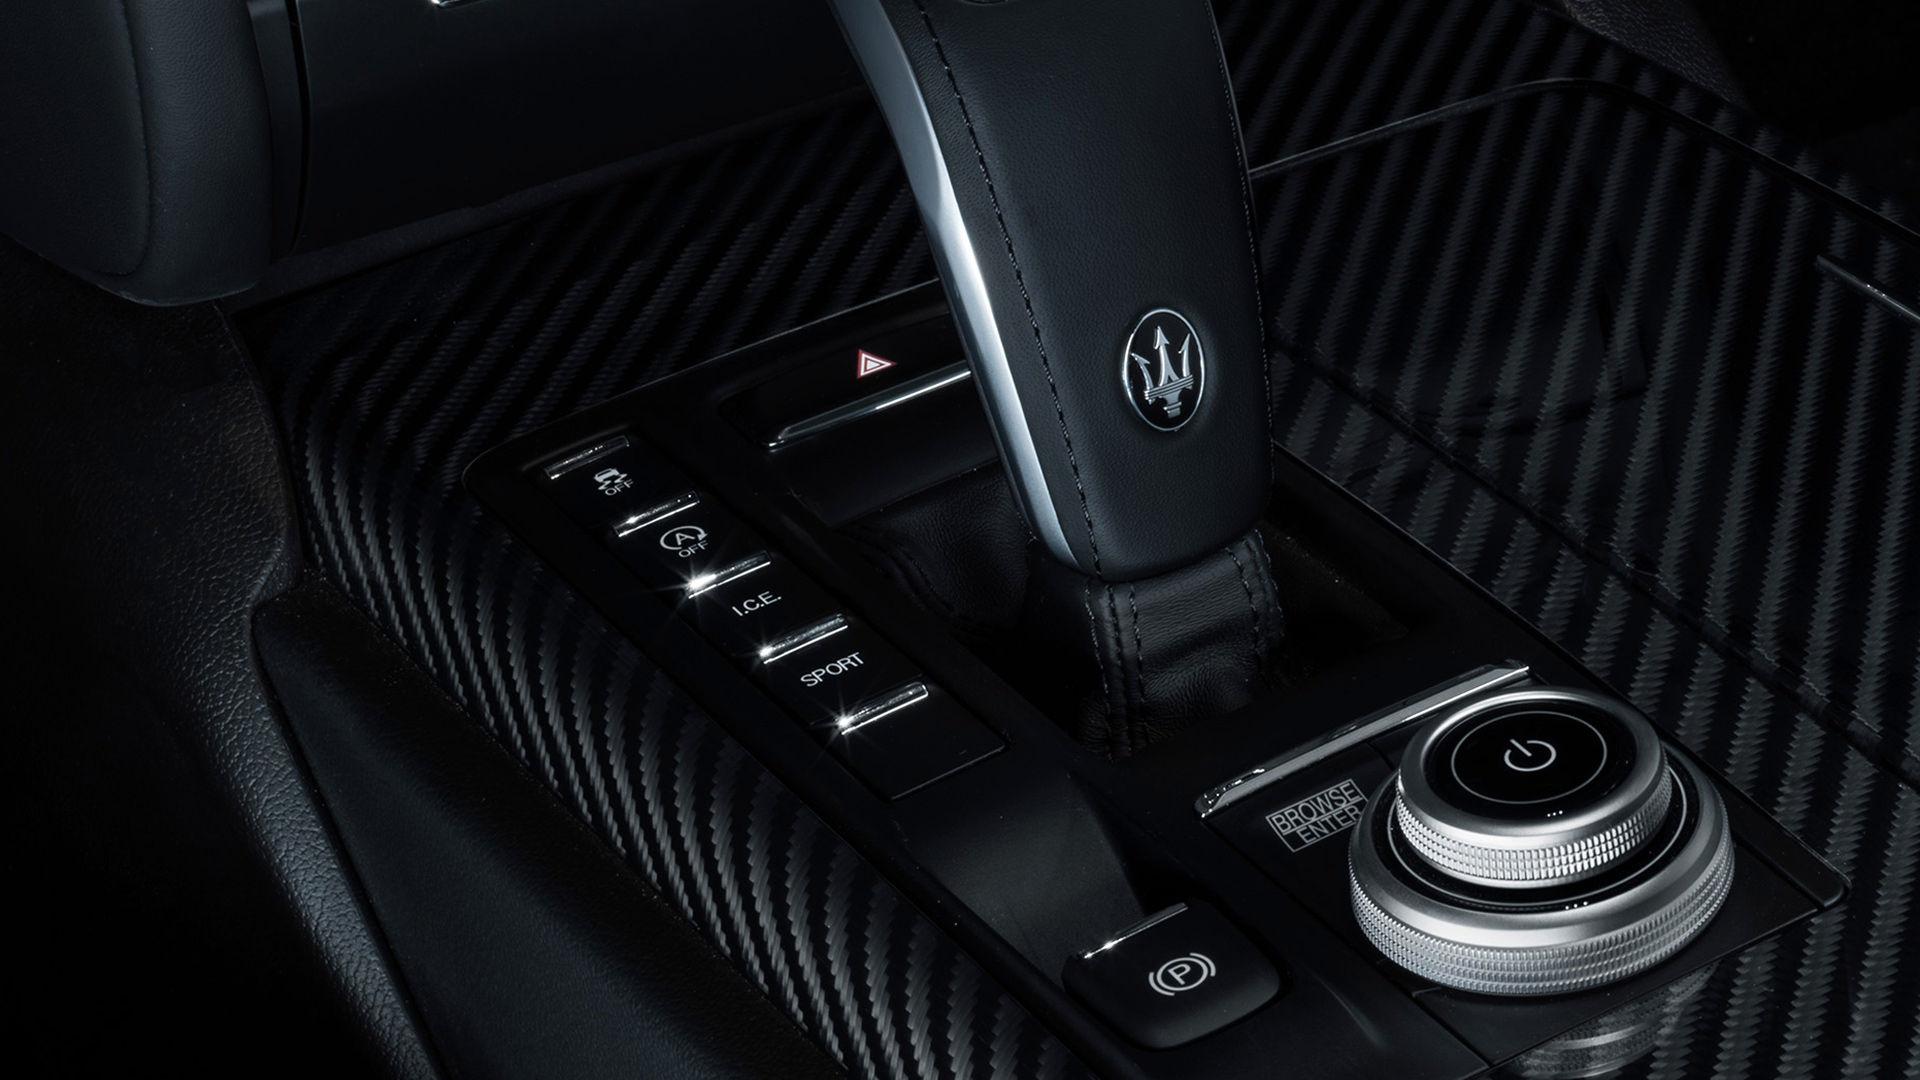 Maserati - Interieur - Automatikgetriebe